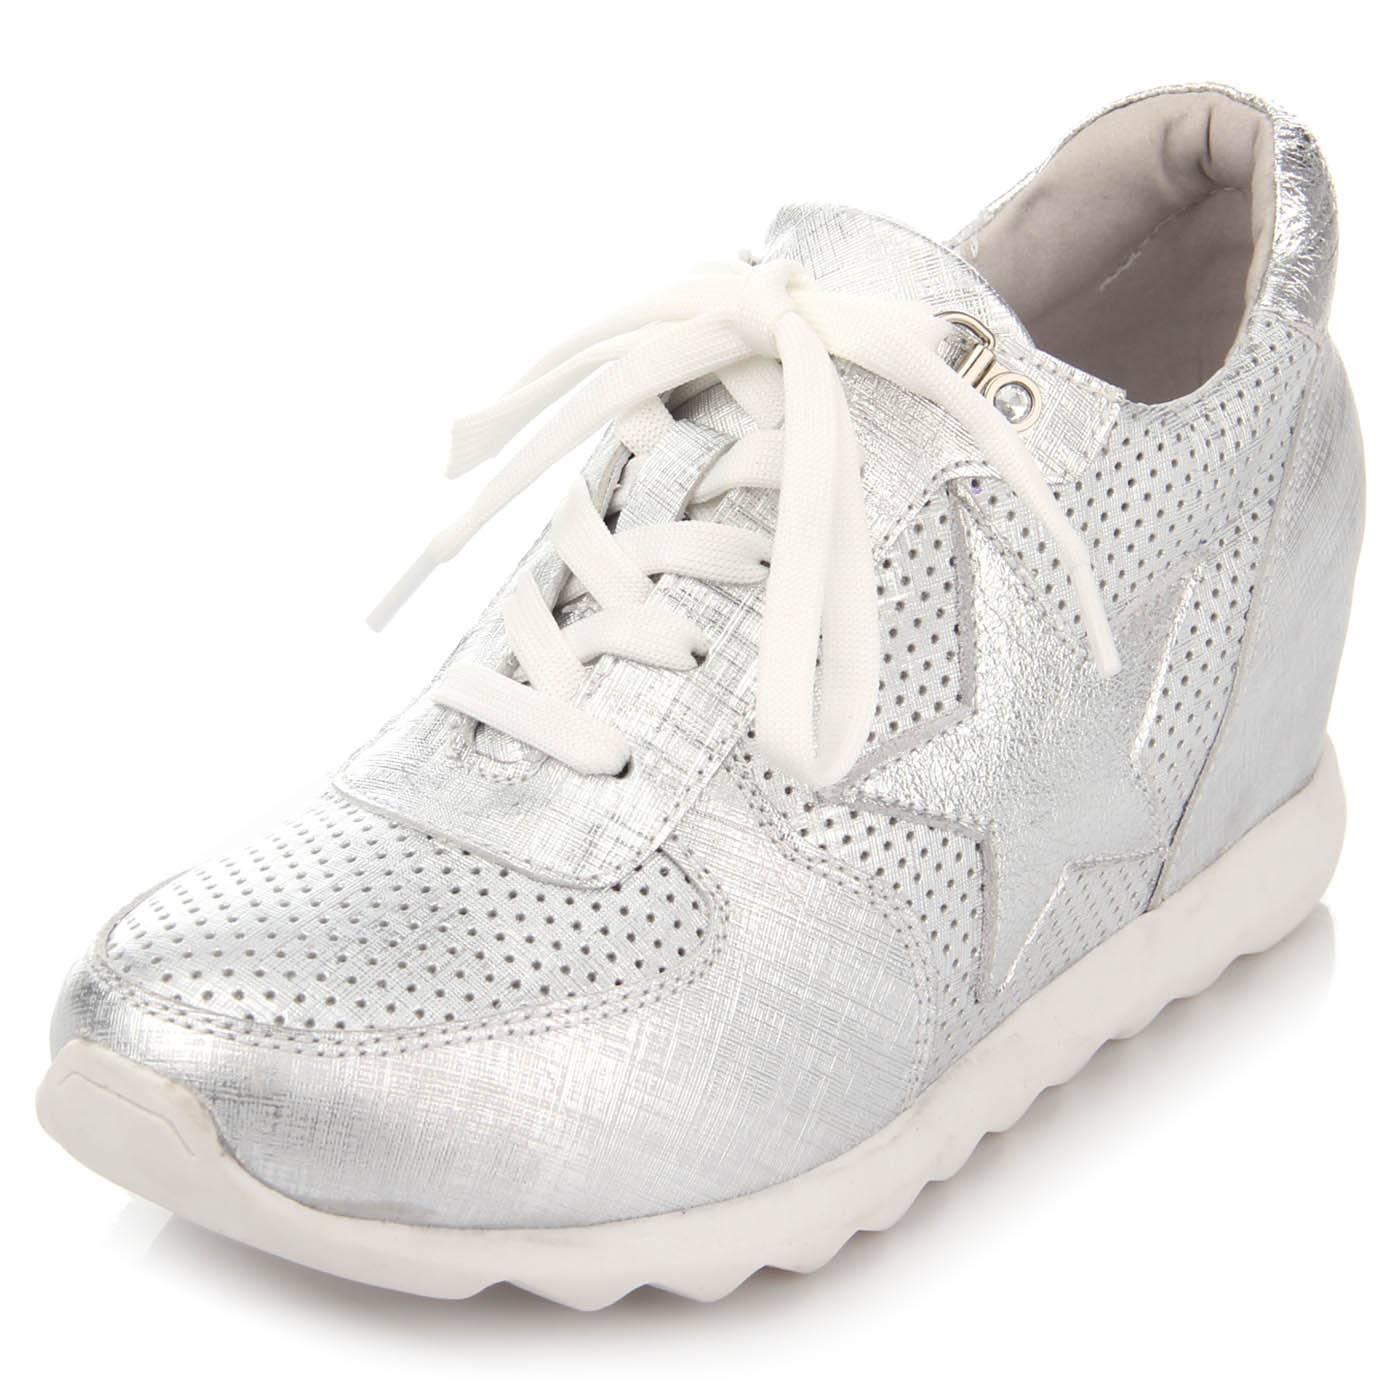 Кросівки жіночі bosa 6689 Срібний купить по выгодной цене в интернет ... 2a9de31e67cce